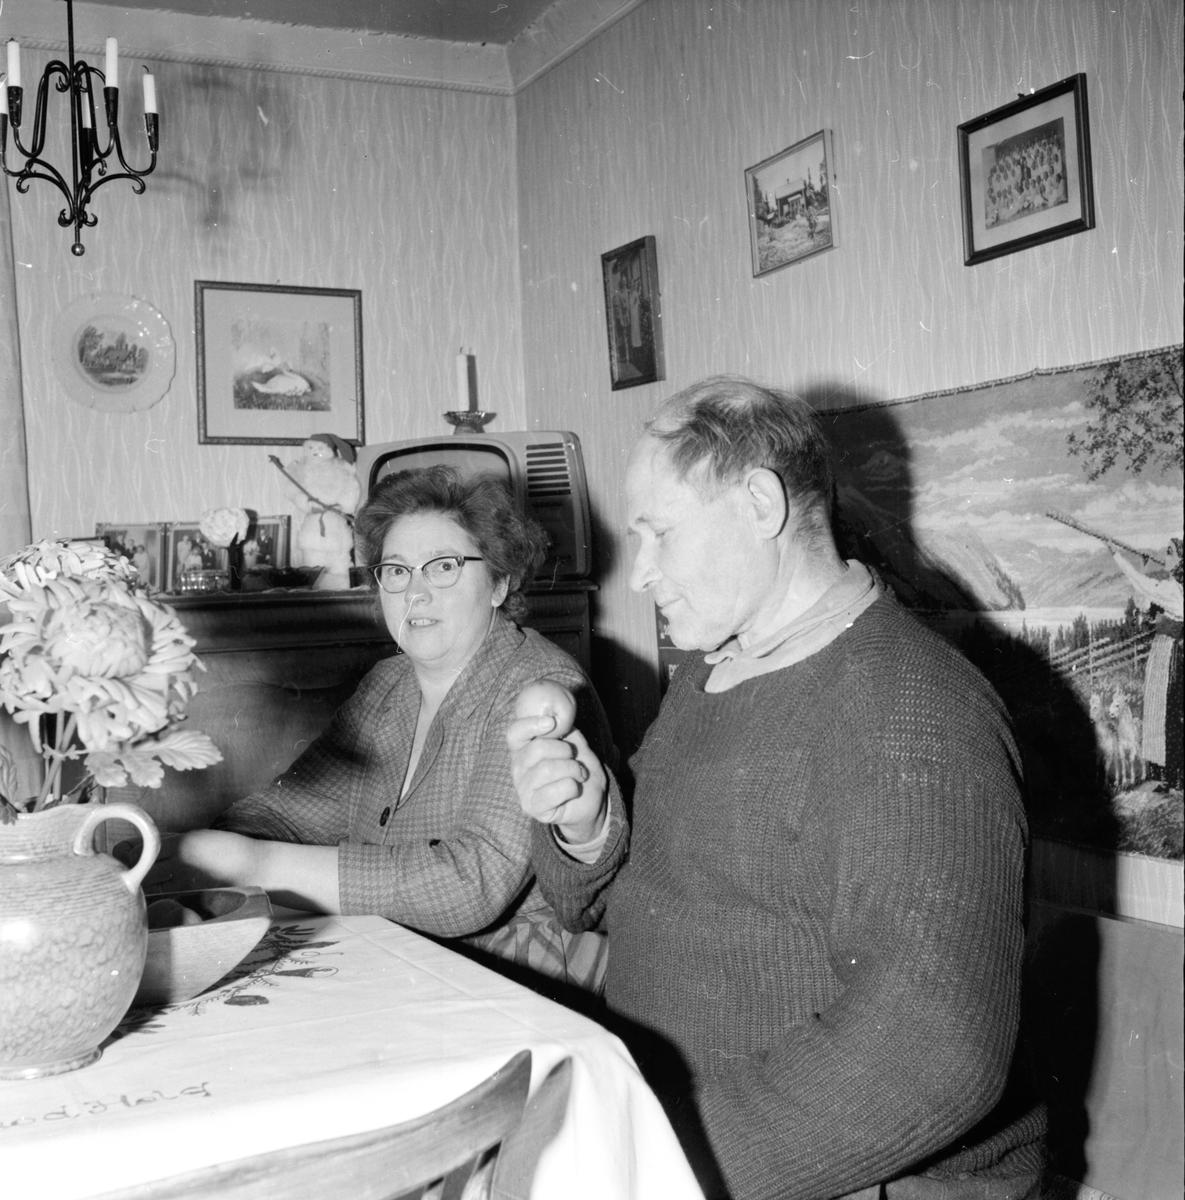 Flätsbo, Erik och Frida, 7 Jan 1965